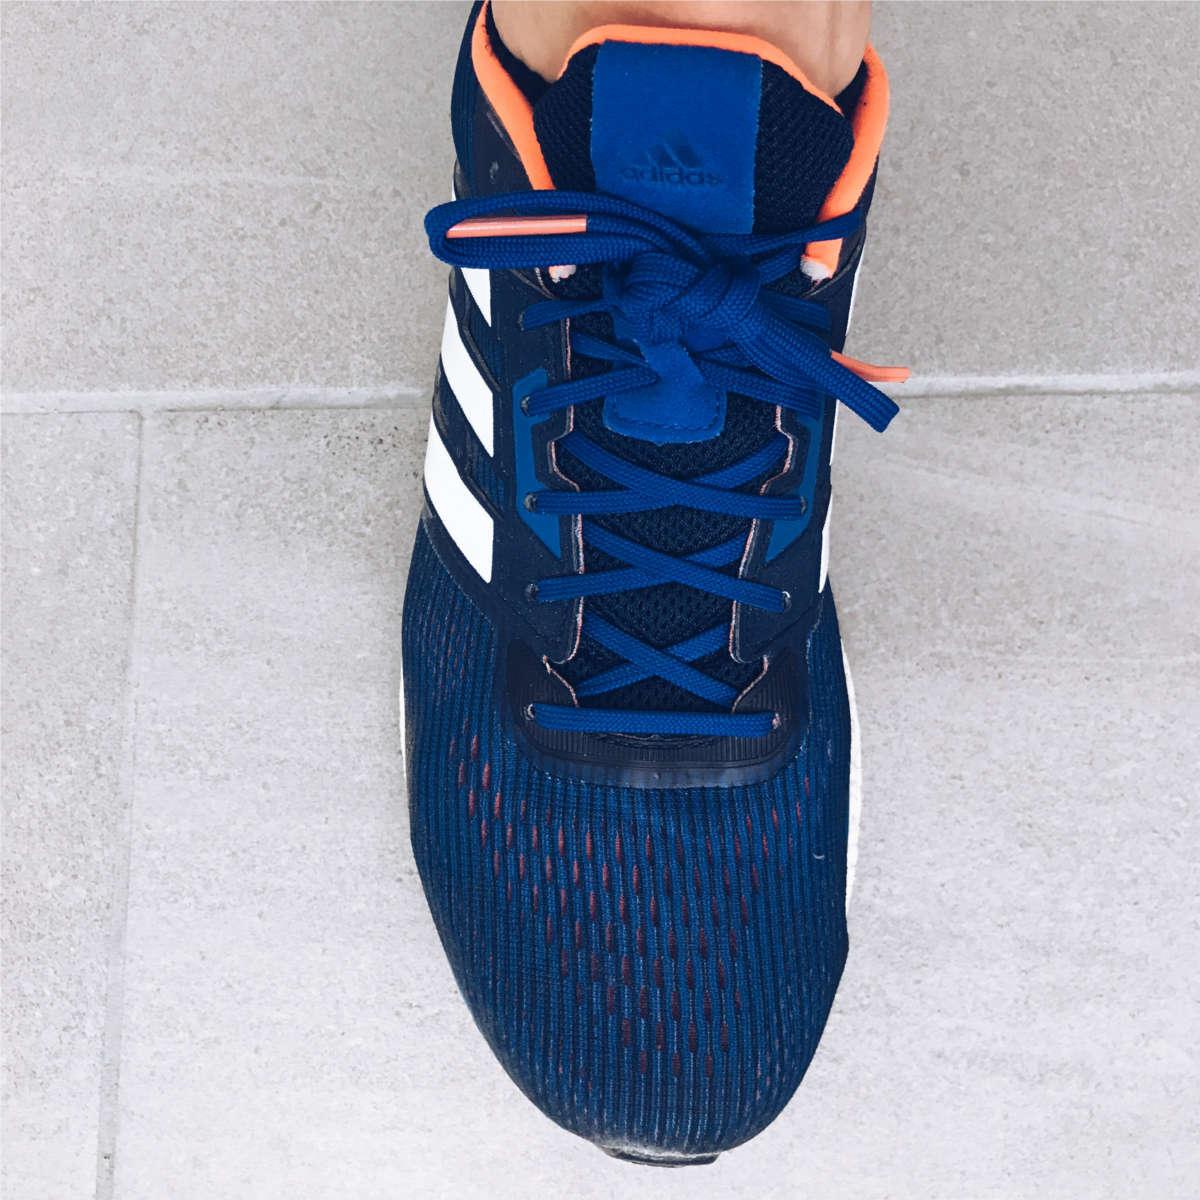 Philipp Pflieger Adidas Laufschuhe und Schnürung